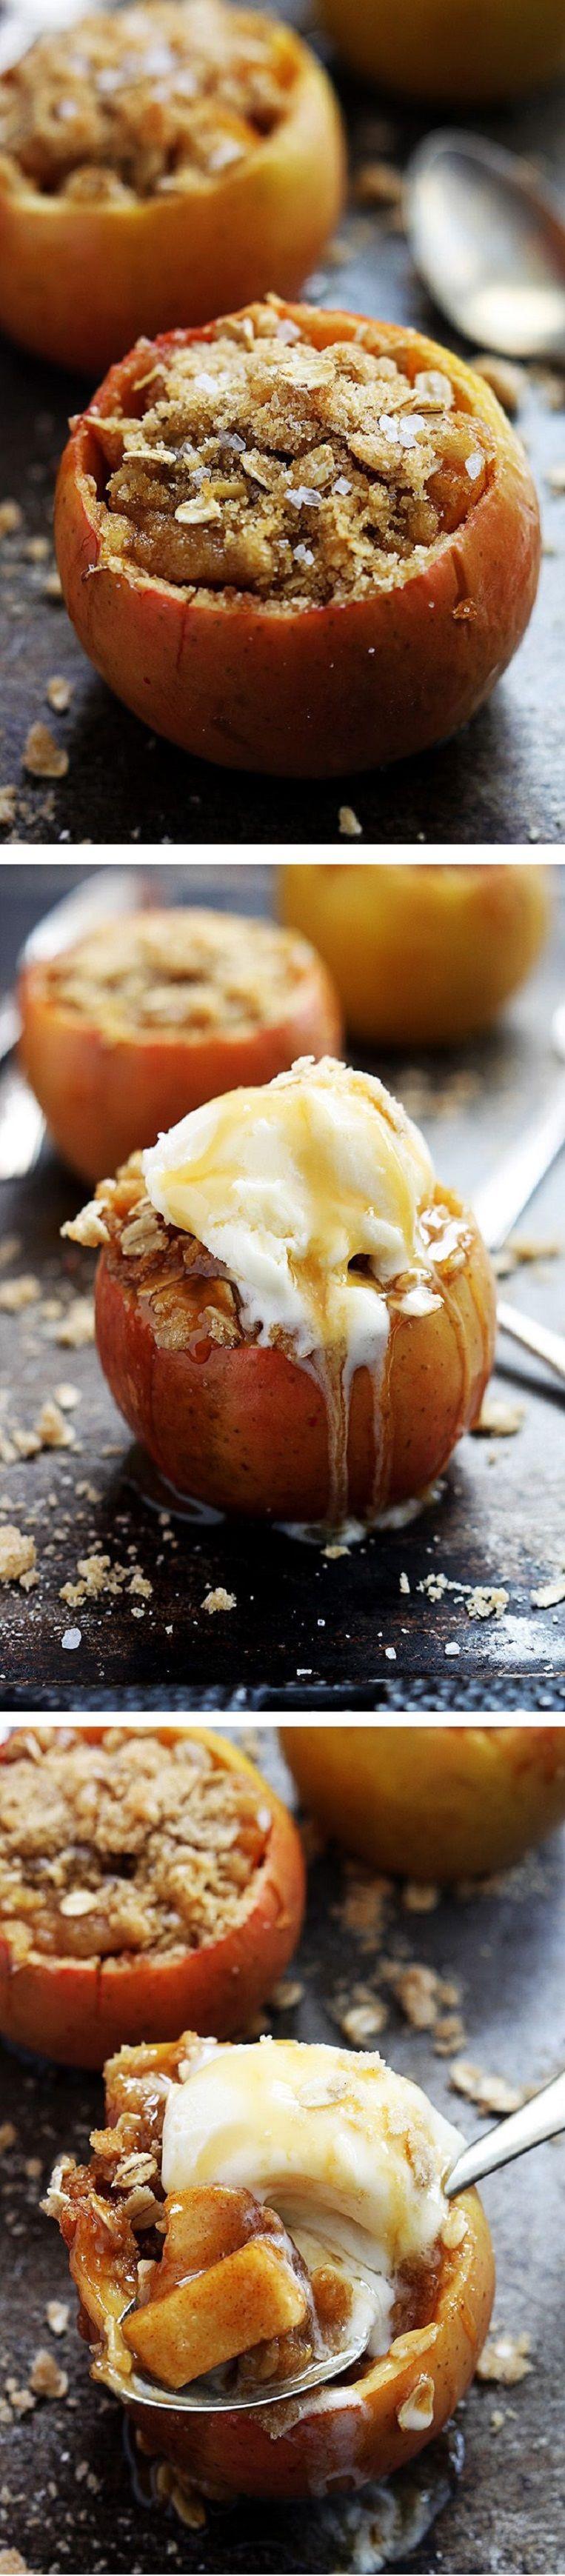 Baked Apples Dessert Recipe  Apple Crisp Stuffed Baked Apples s and